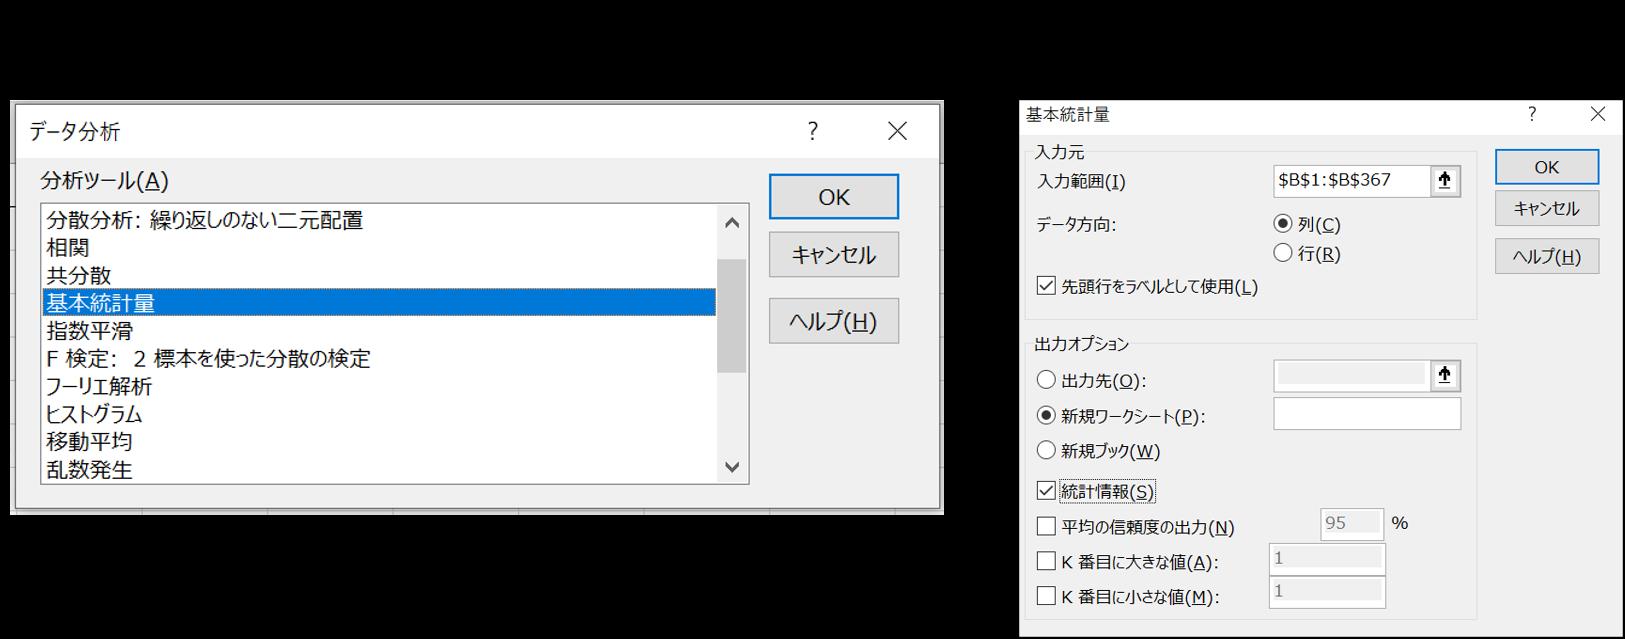 分析ツールの操作画面